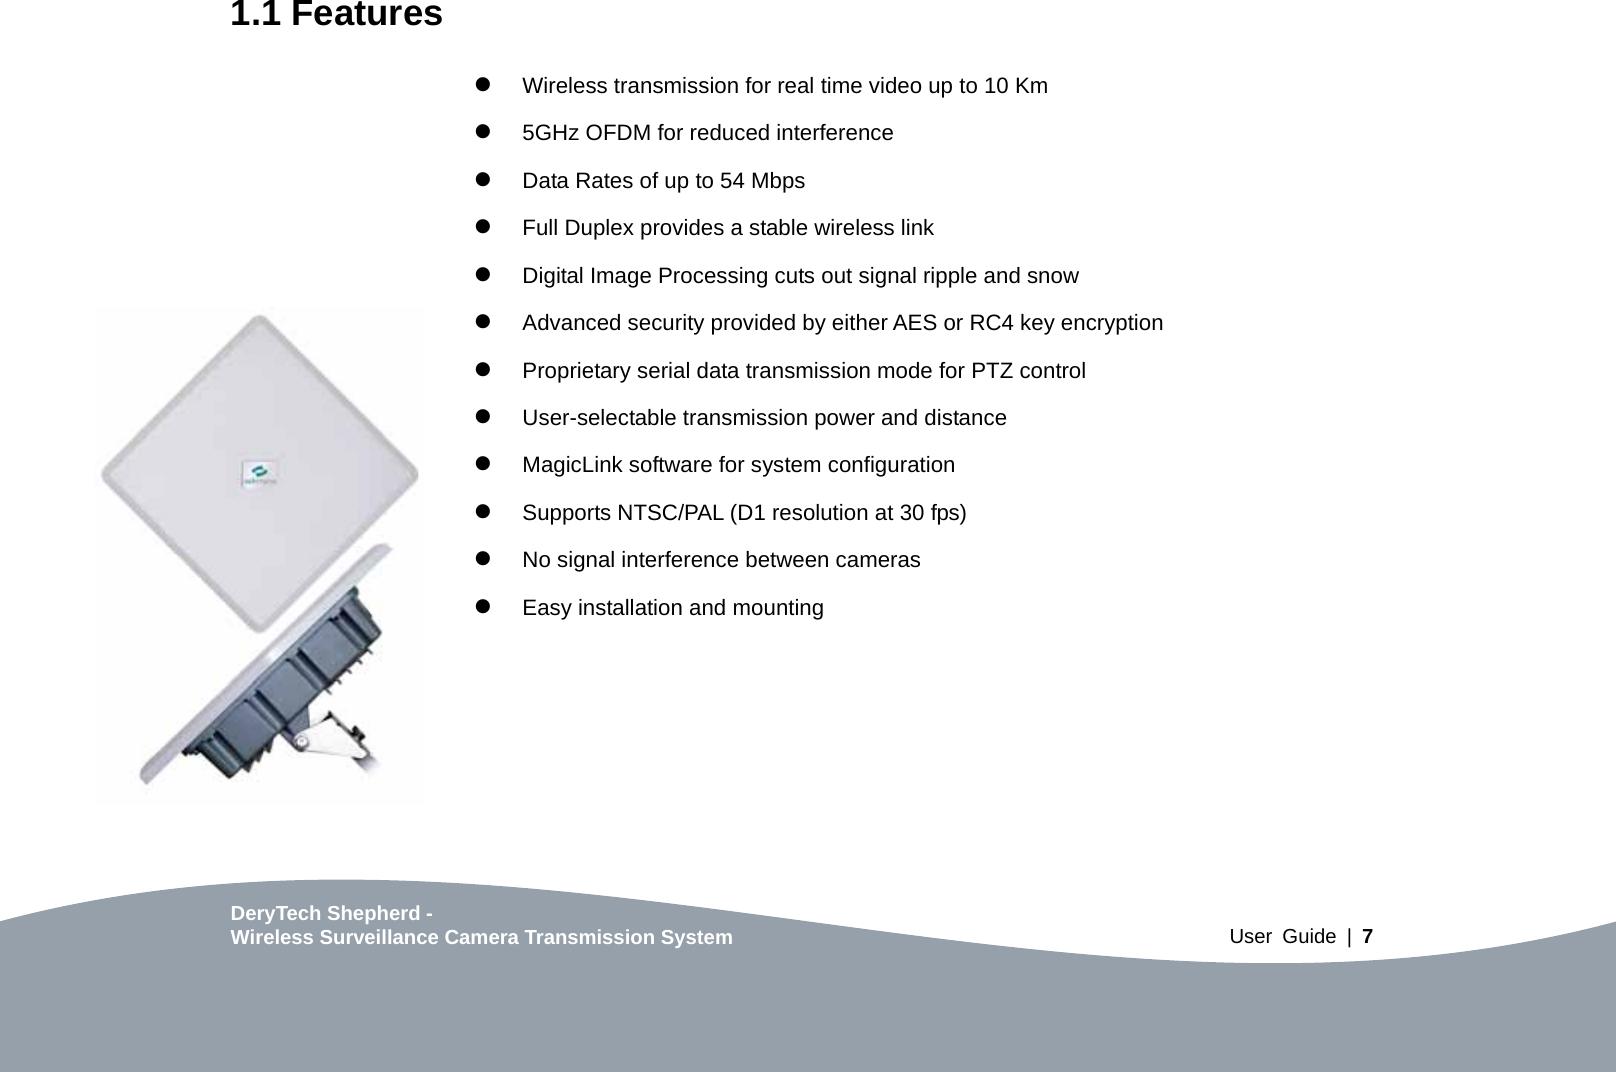 Cleervu Surveillance Systems WA5800 Wireless 5GHz Surveillance ...